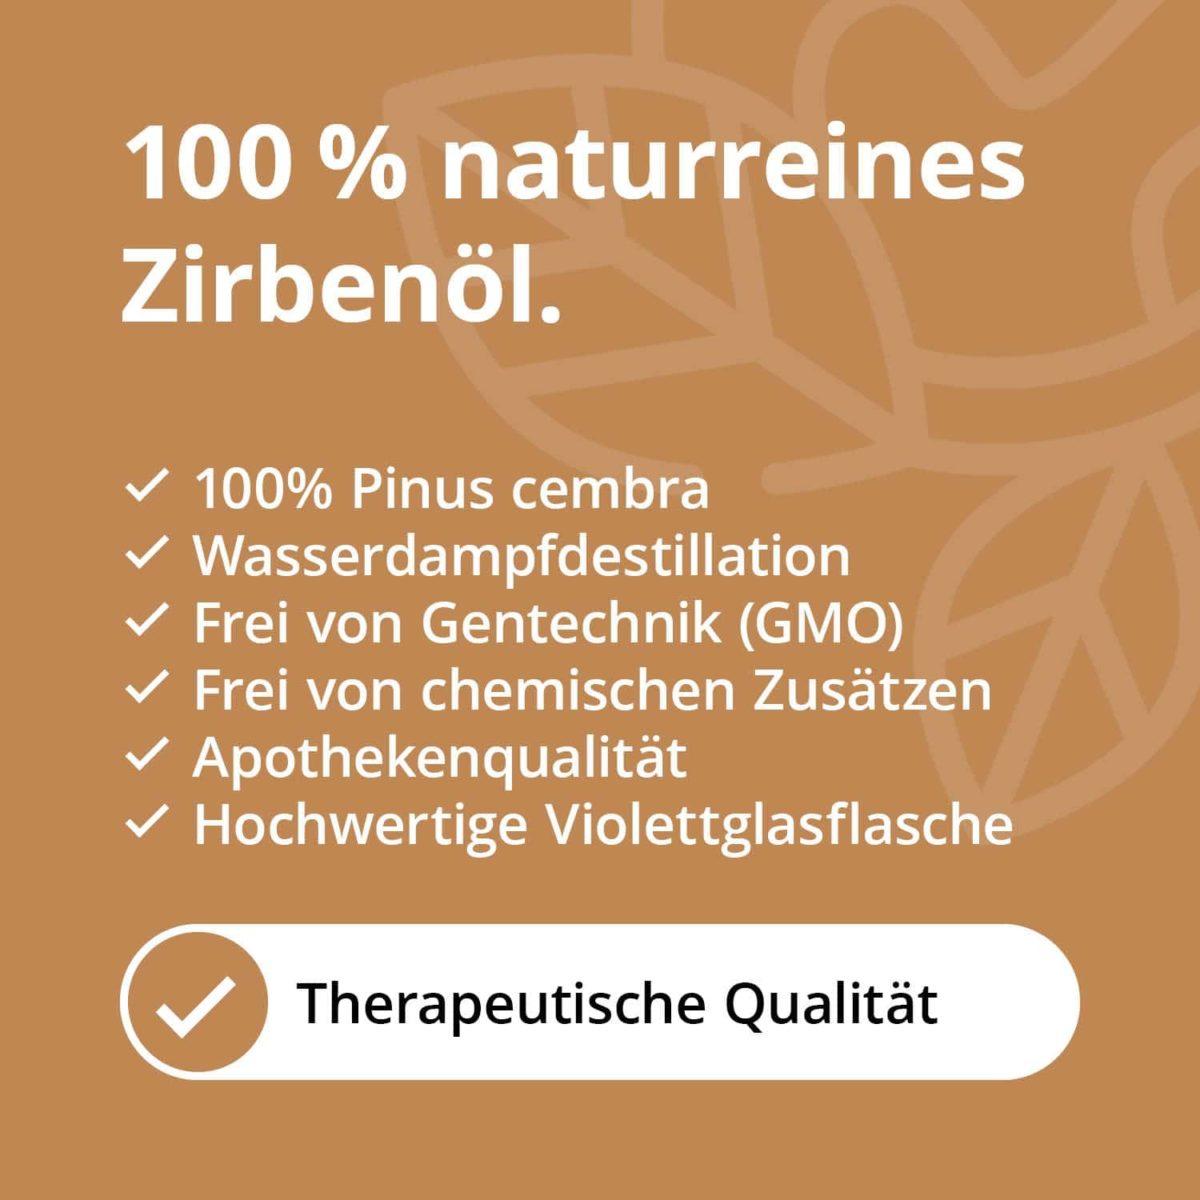 Casida Zirbenöl Pinus cembra naturrein – 10 ml 16486743 PZN Apotheke Zirbelkiefernöl ätherische Öle Diffuser5